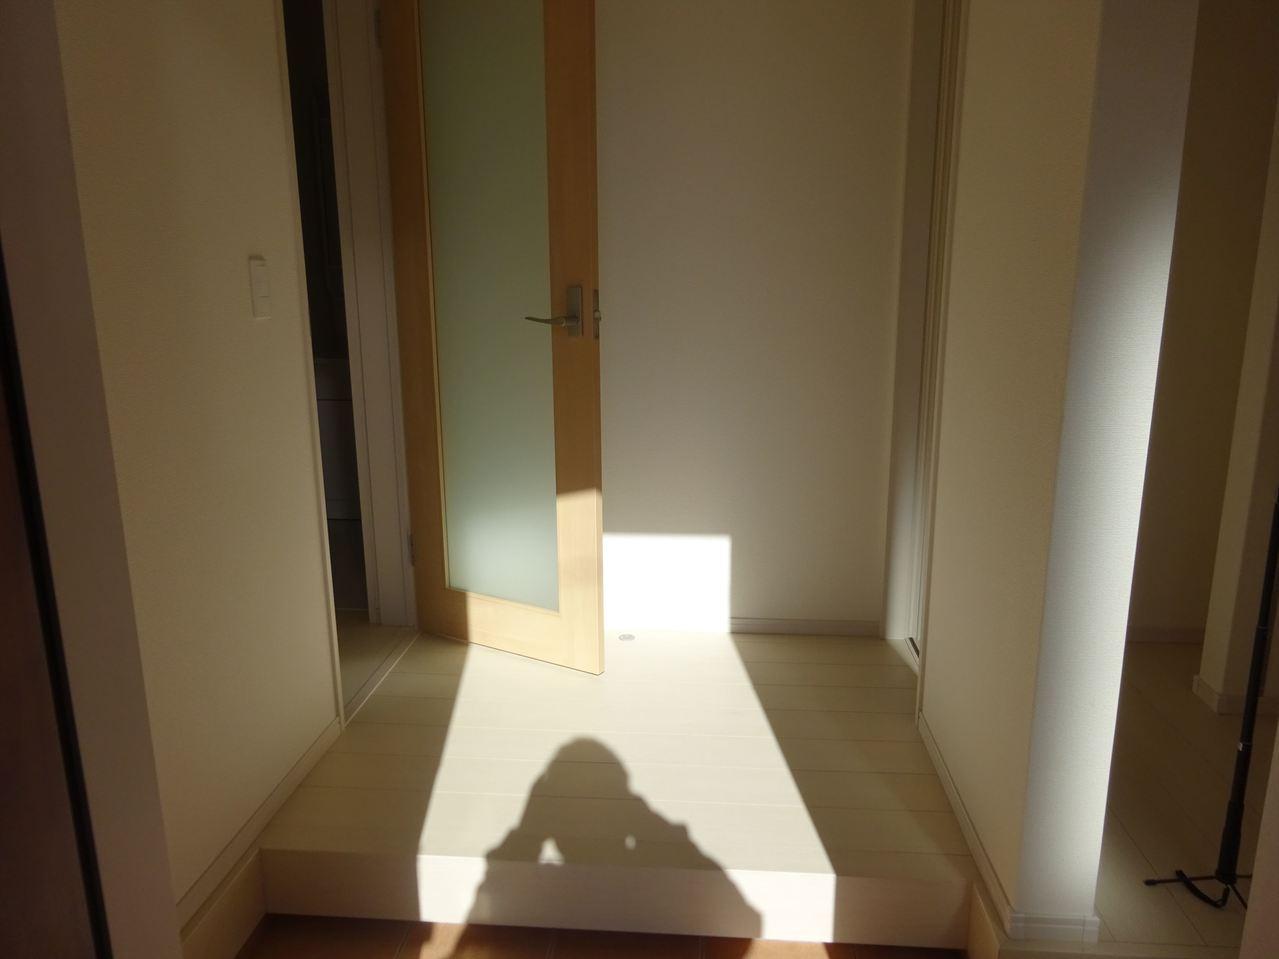 いってきます♪ただいま♪明るい声が聞こえてきそうな玄関。白色がとても清潔感のある造りです♪